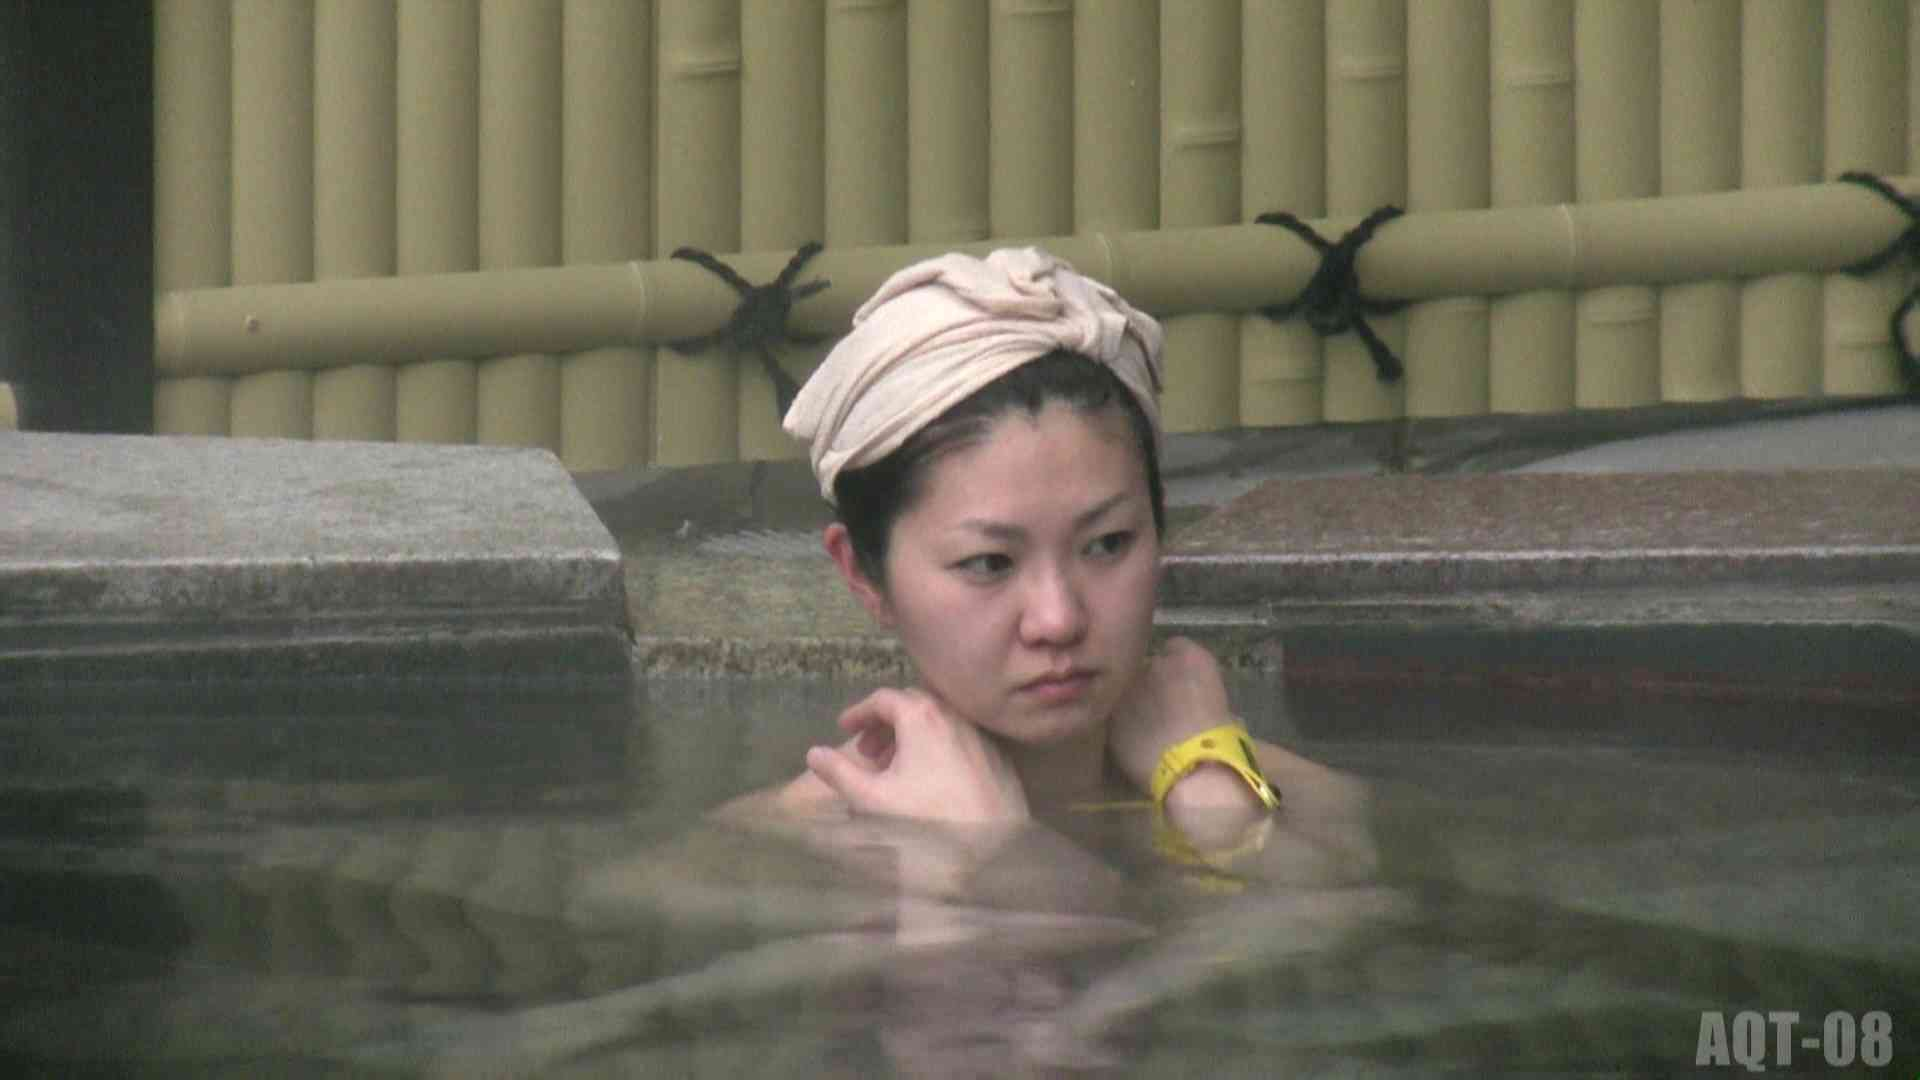 Aquaな露天風呂Vol.772 OL女体   女体盗撮  39連発 25